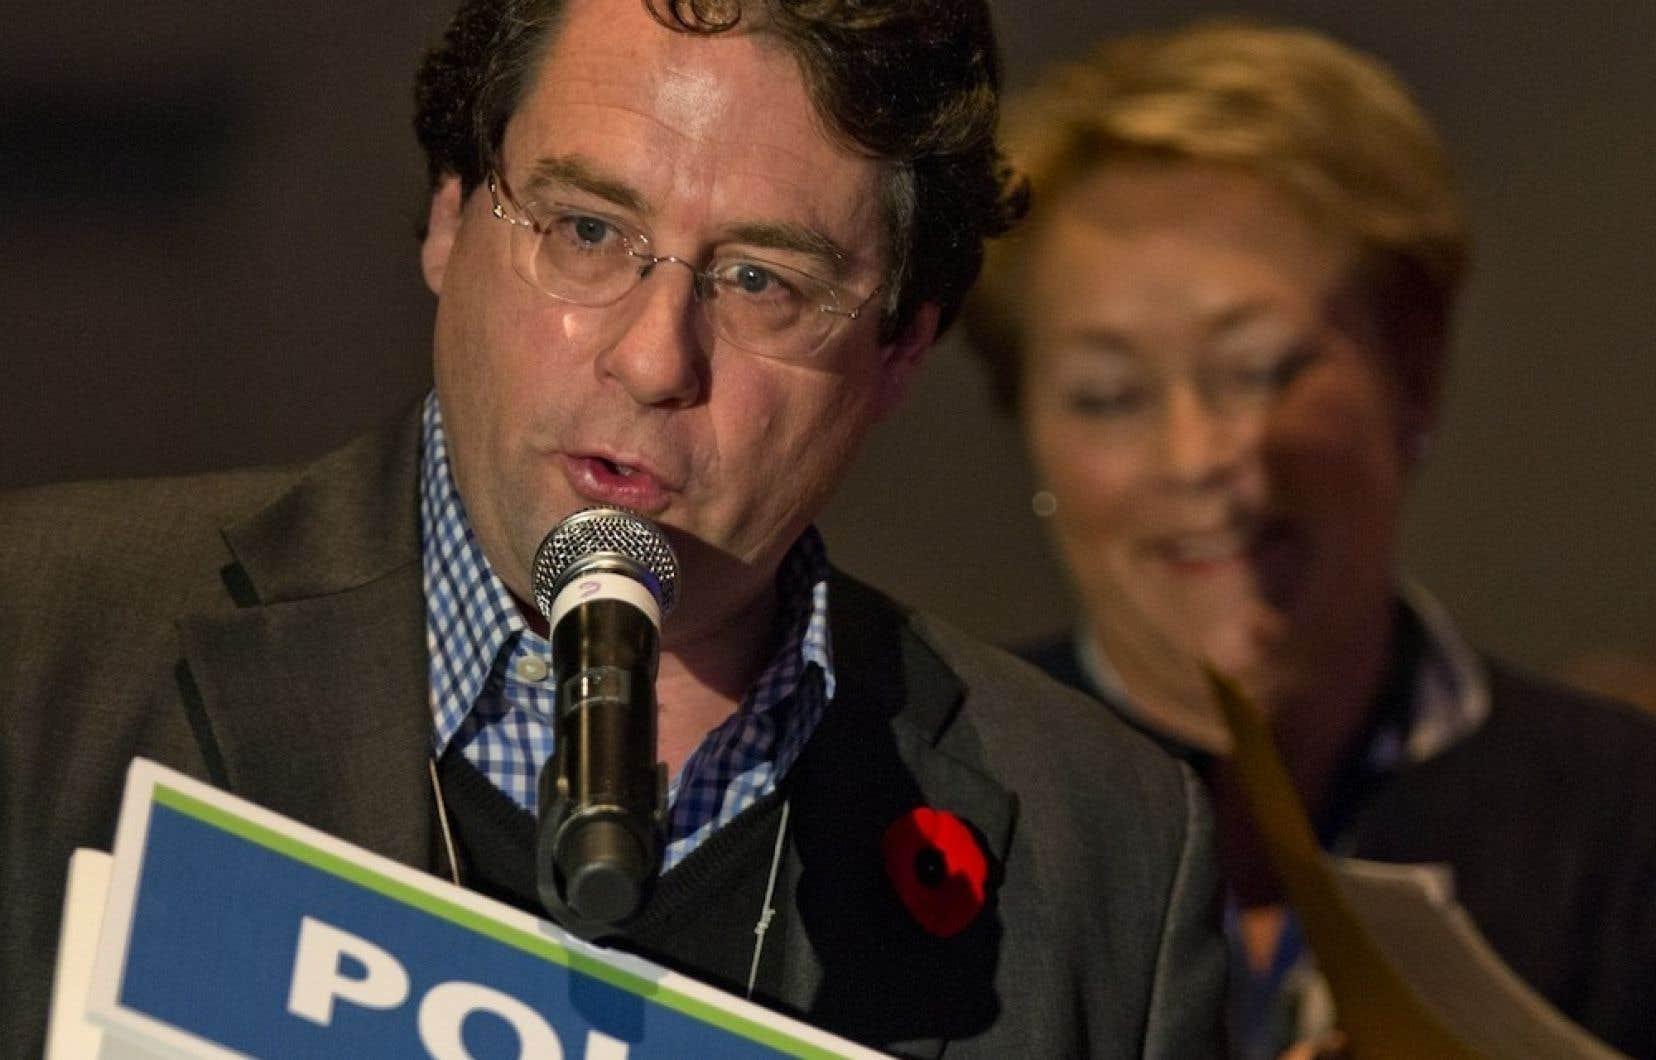 Selon l'attaché de presse de Bernard Drainville, Manuel Dionne, «les Québécois souhaitent que le projet avance, sans brûler les étapes mais sans perdre de temps non plus. C'est aussi la volonté du gouvernement et du ministre.»